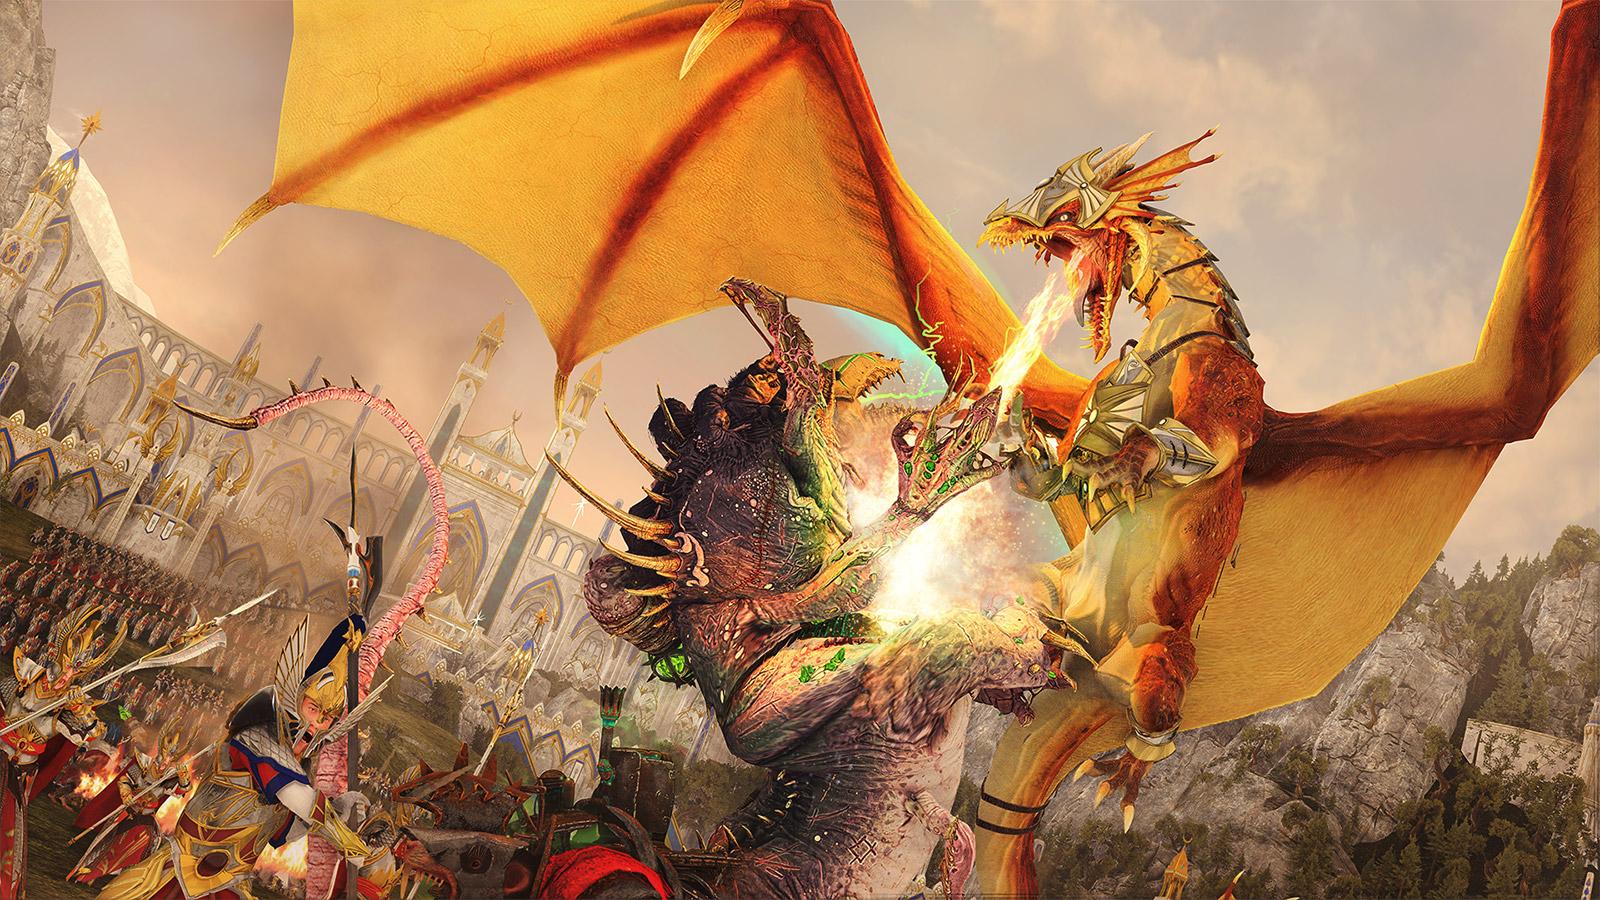 La trilogie Total War : Warhammer vous offre l'occasion de prendre le contrôle de créatures mythiques